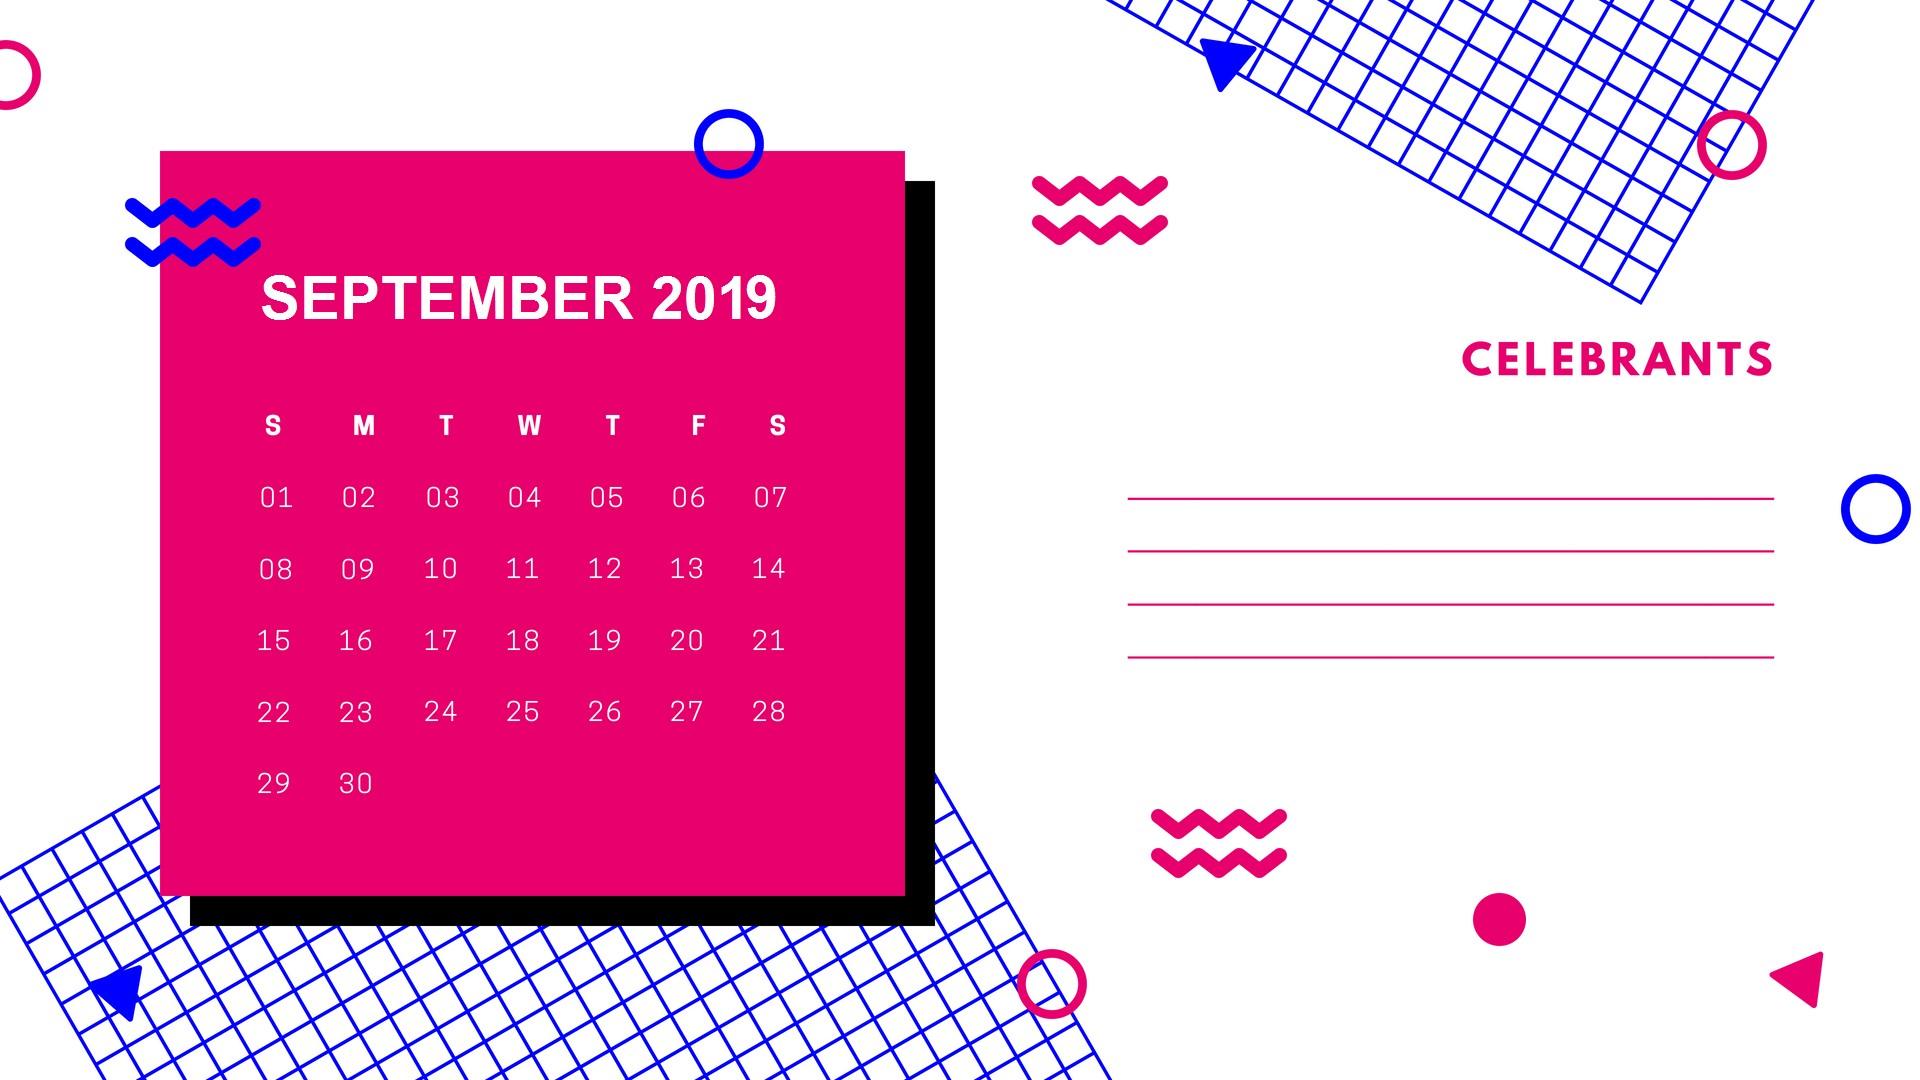 Plantilla Calendario Anual 2019 Excel Más Recientes Stylish 2019 September Calendar 2019calendar Printablecalendar Of Plantilla Calendario Anual 2019 Excel Actual Kalender 2019 Book